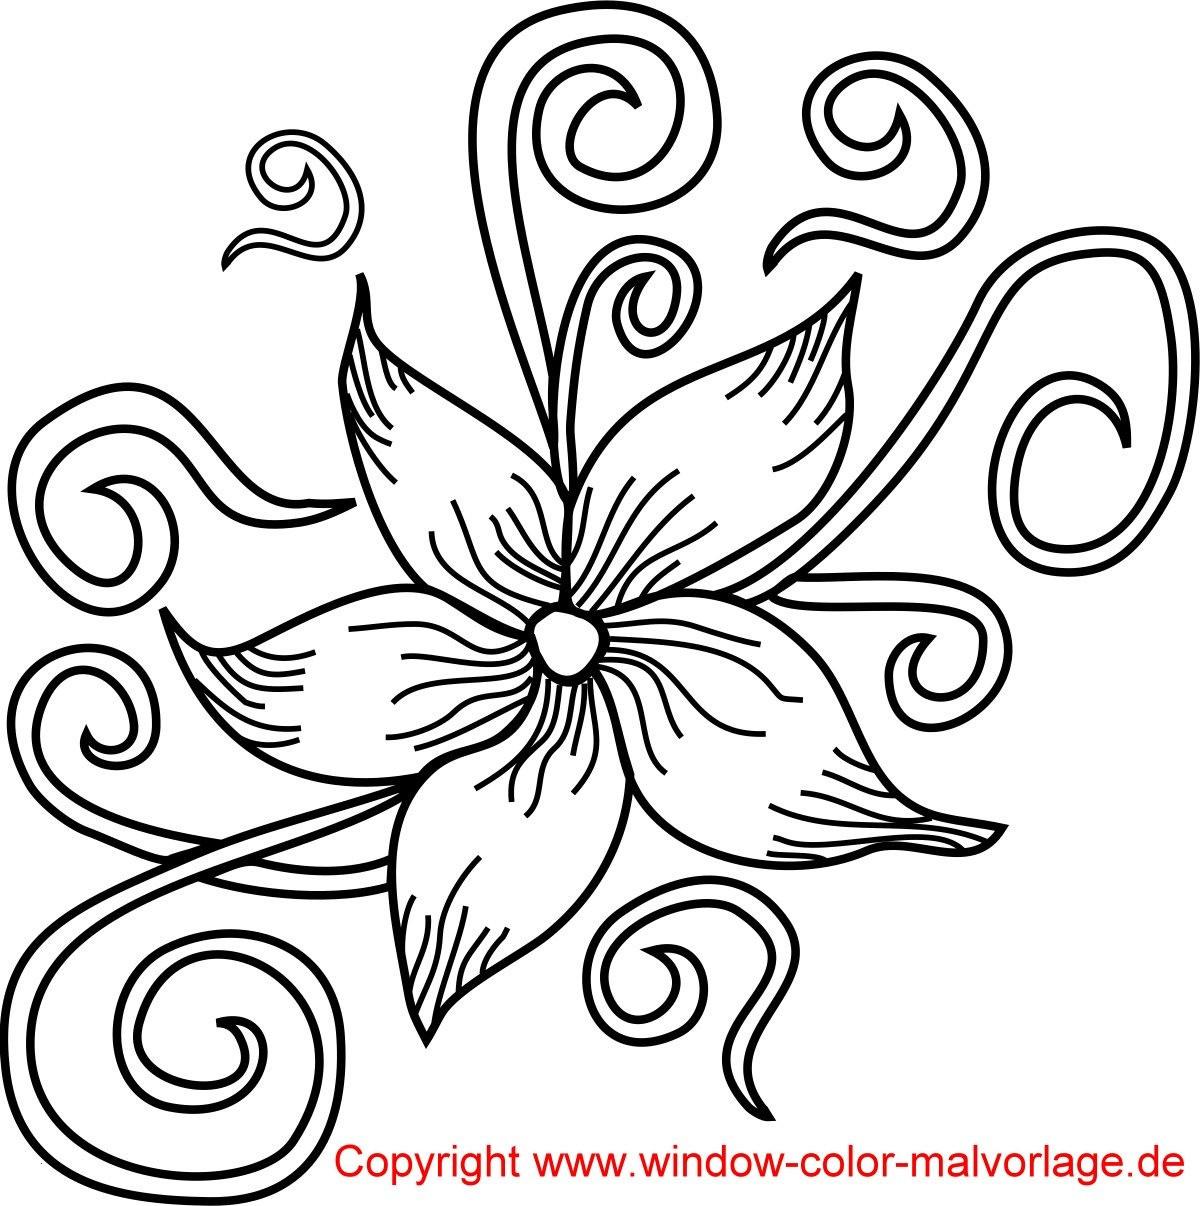 """Malvorlagen Blumen Ranken Neu Malvorlagen Blumenranken Inspirierend """"floral Frame butterfly Blumen Fotos"""